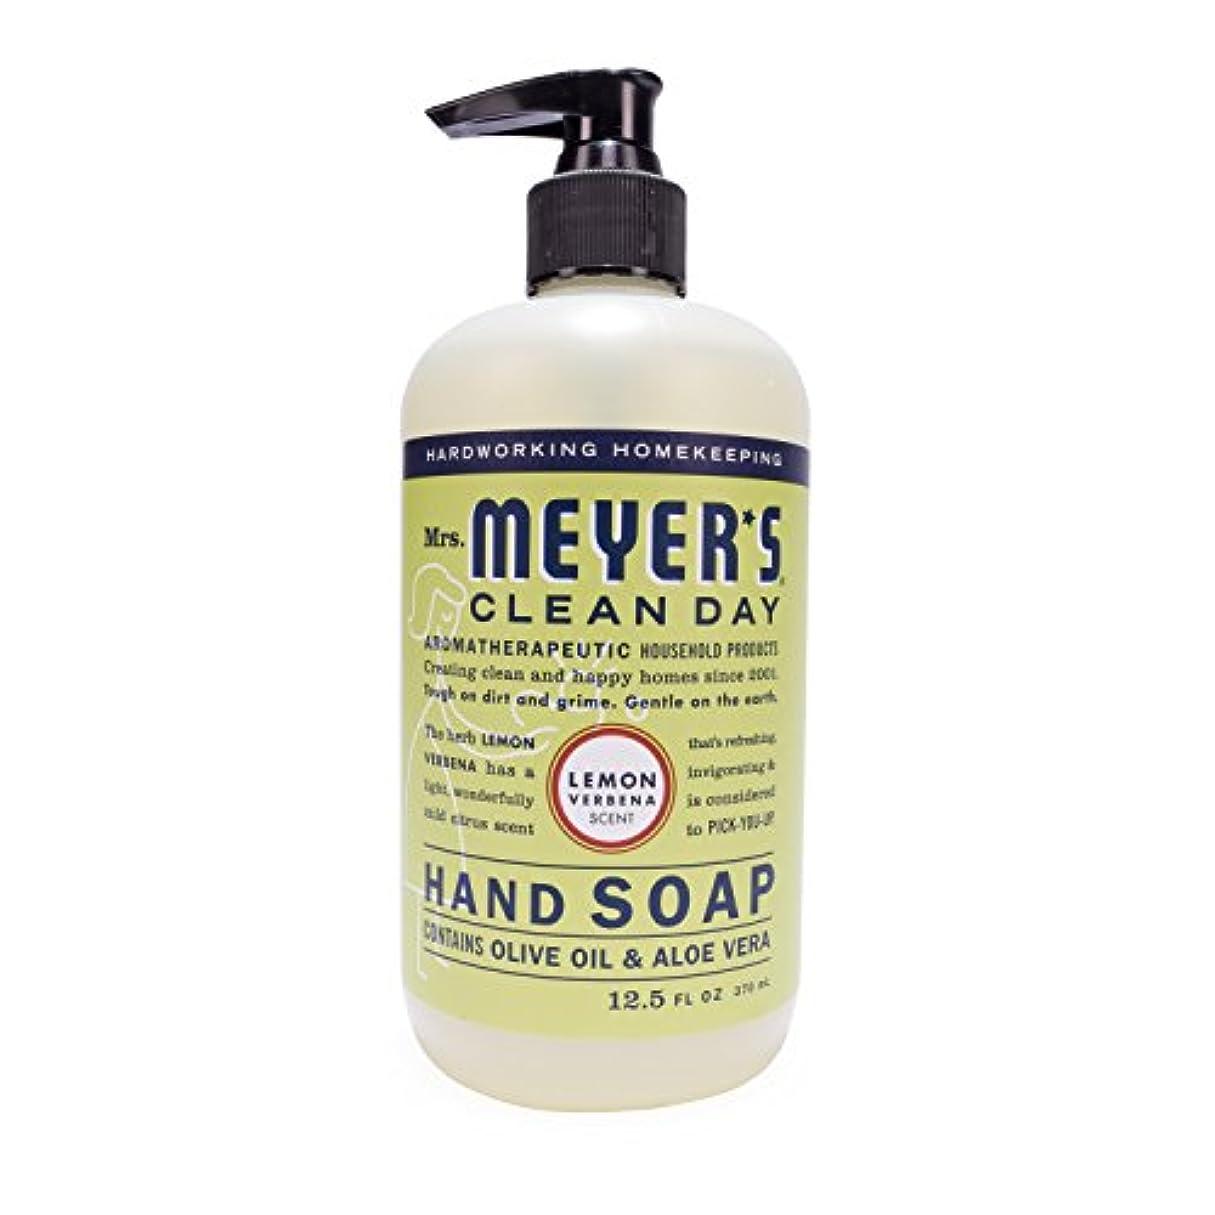 技術イーウェルばかげたMrs. Meyer's Hand Soap Lemon Verbena, 12.5 Fluid Ounce (Pack of 3) by Mrs. Meyer's Clean Day